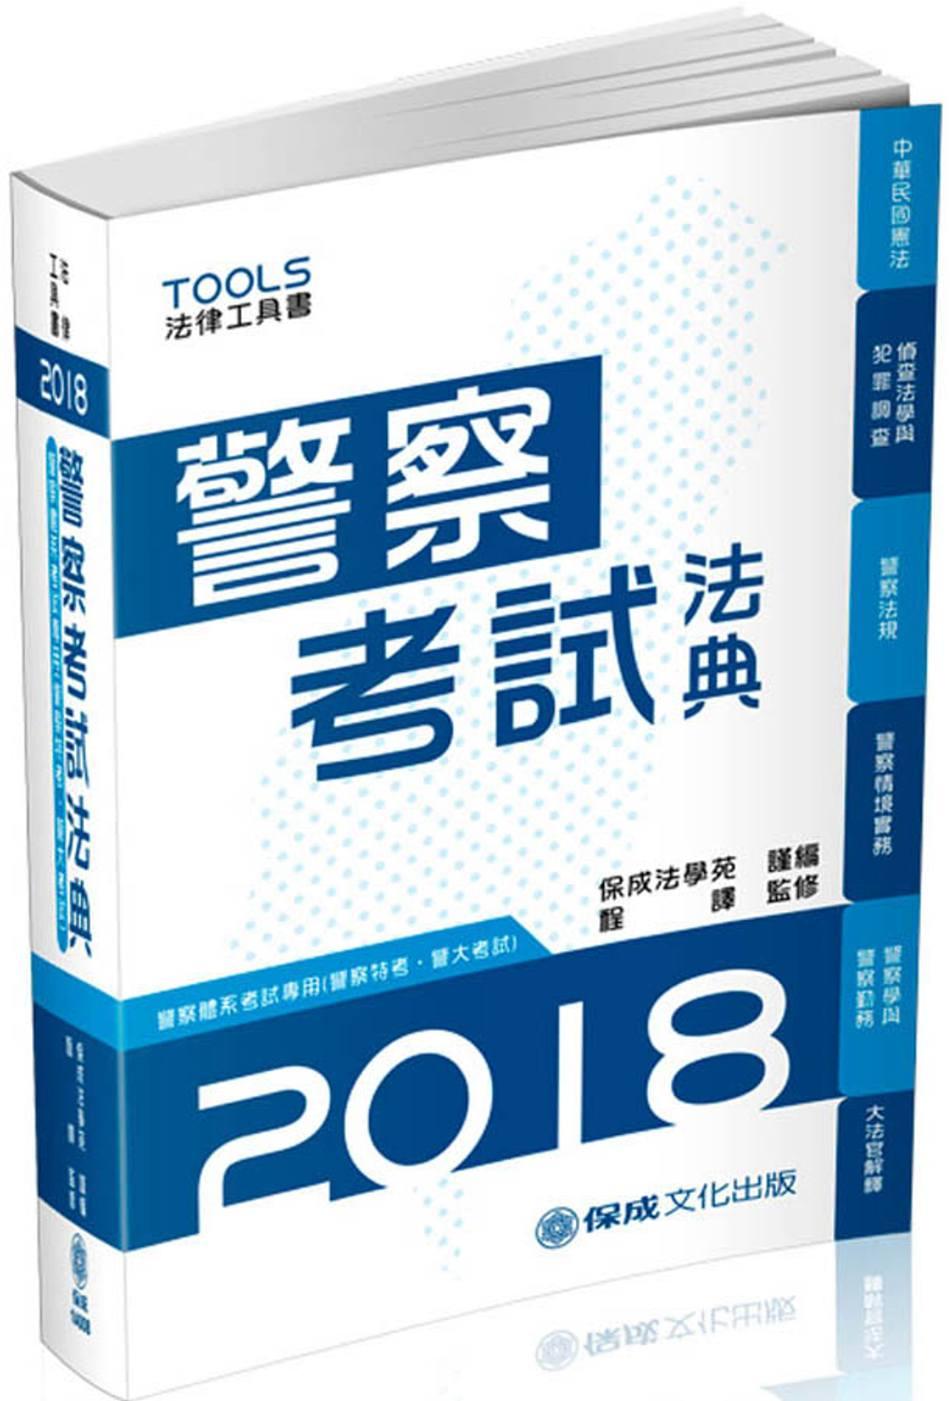 警察考試法典-警察特考.警大考試-2018法律工具書<保成>(十三版)